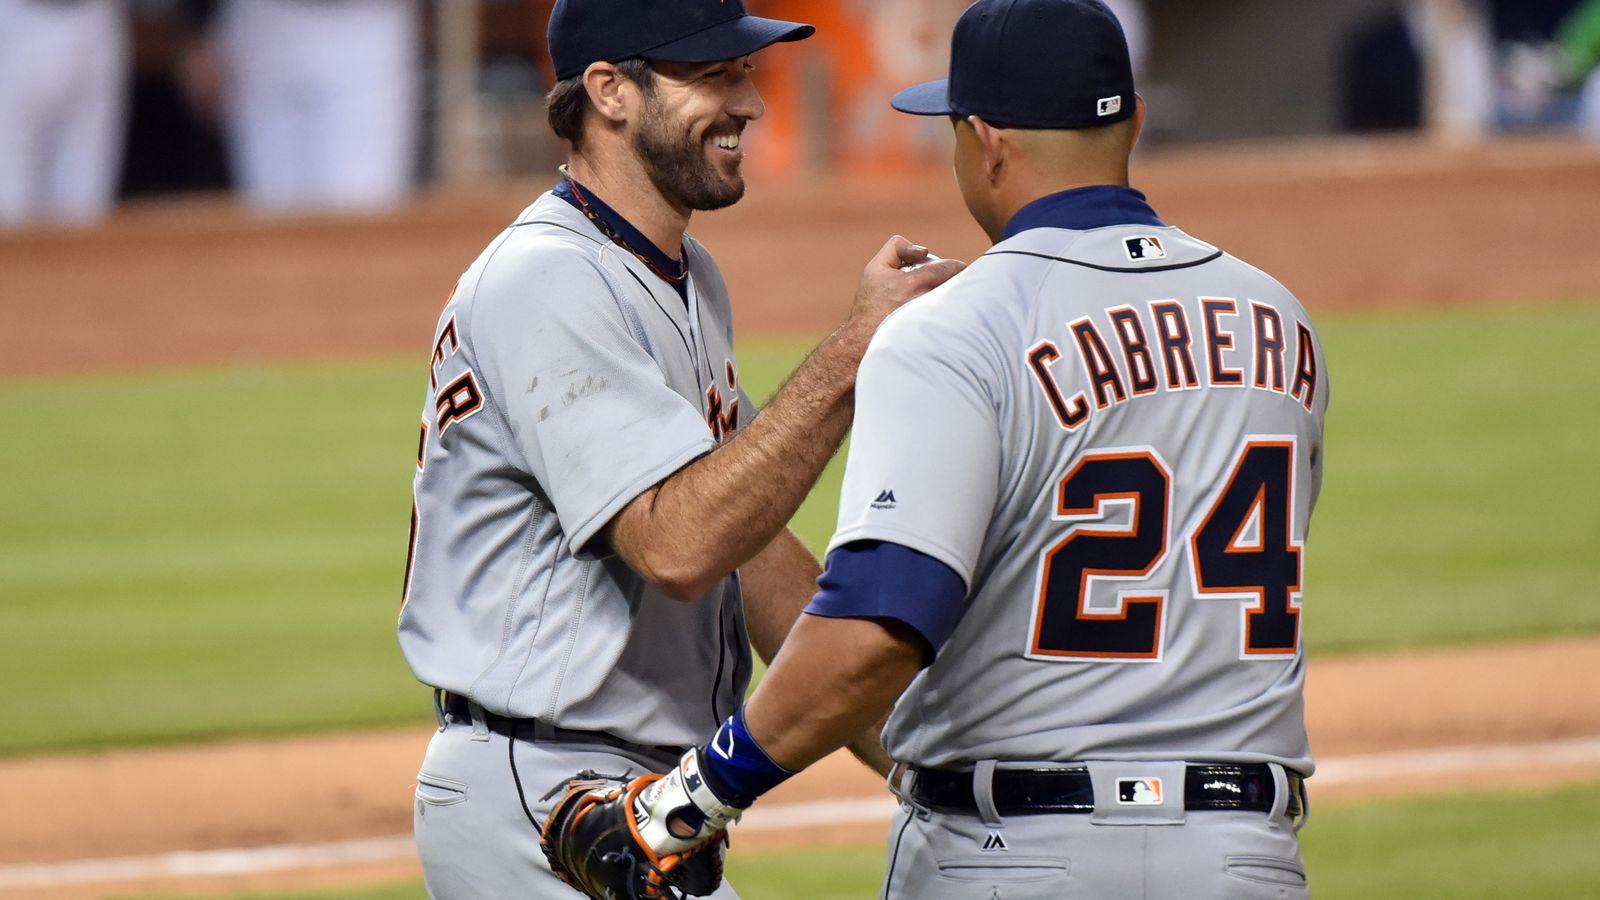 Tigers fielding calls on Cabrera, Verlander